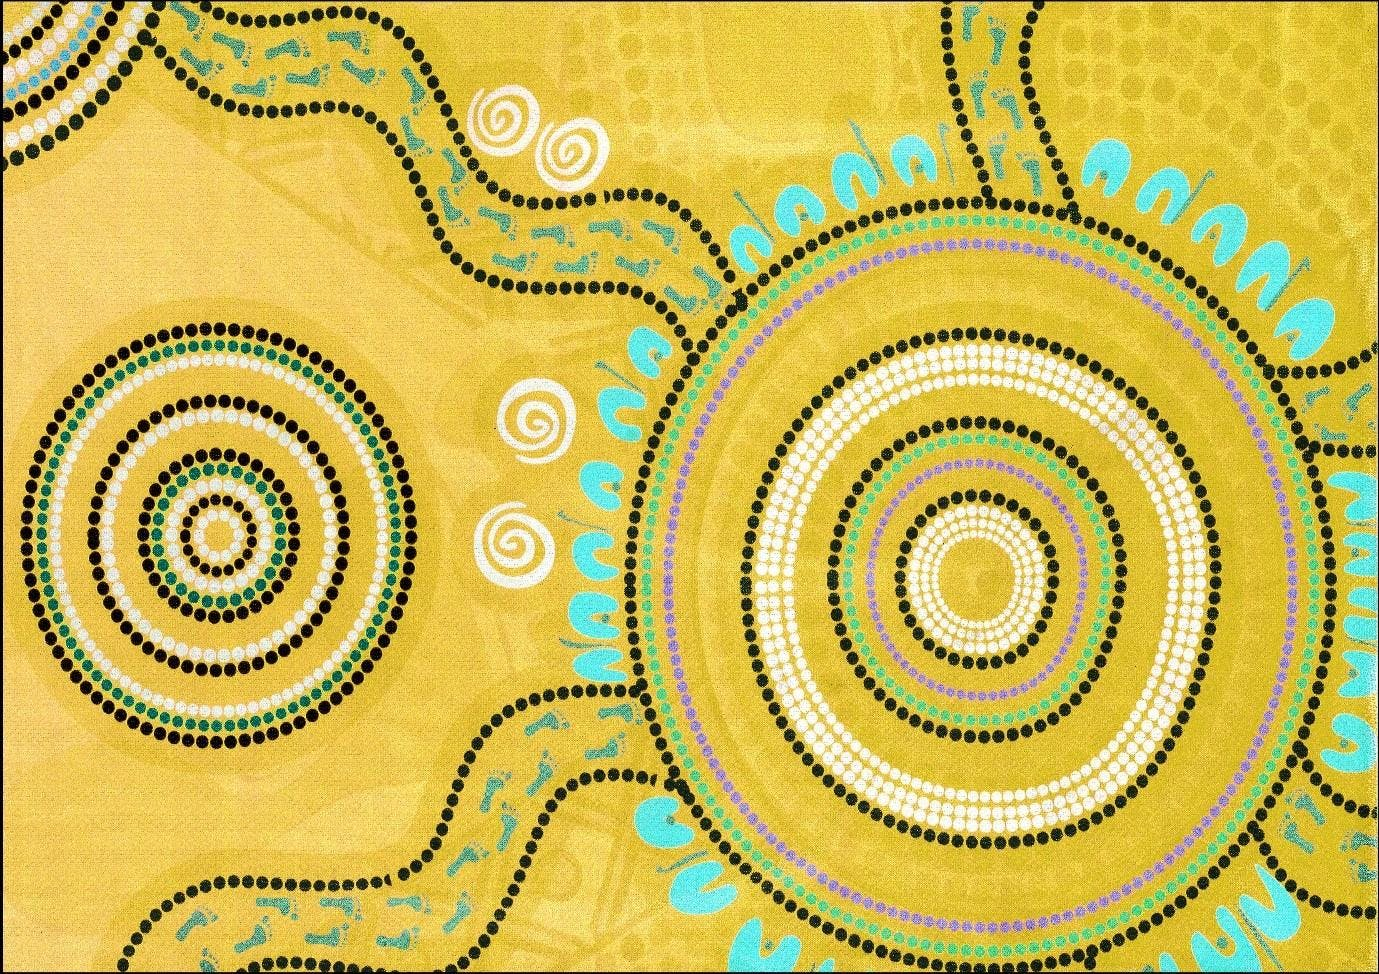 Mana Yura Postgraduate Symposium: Indigenous Knowledges